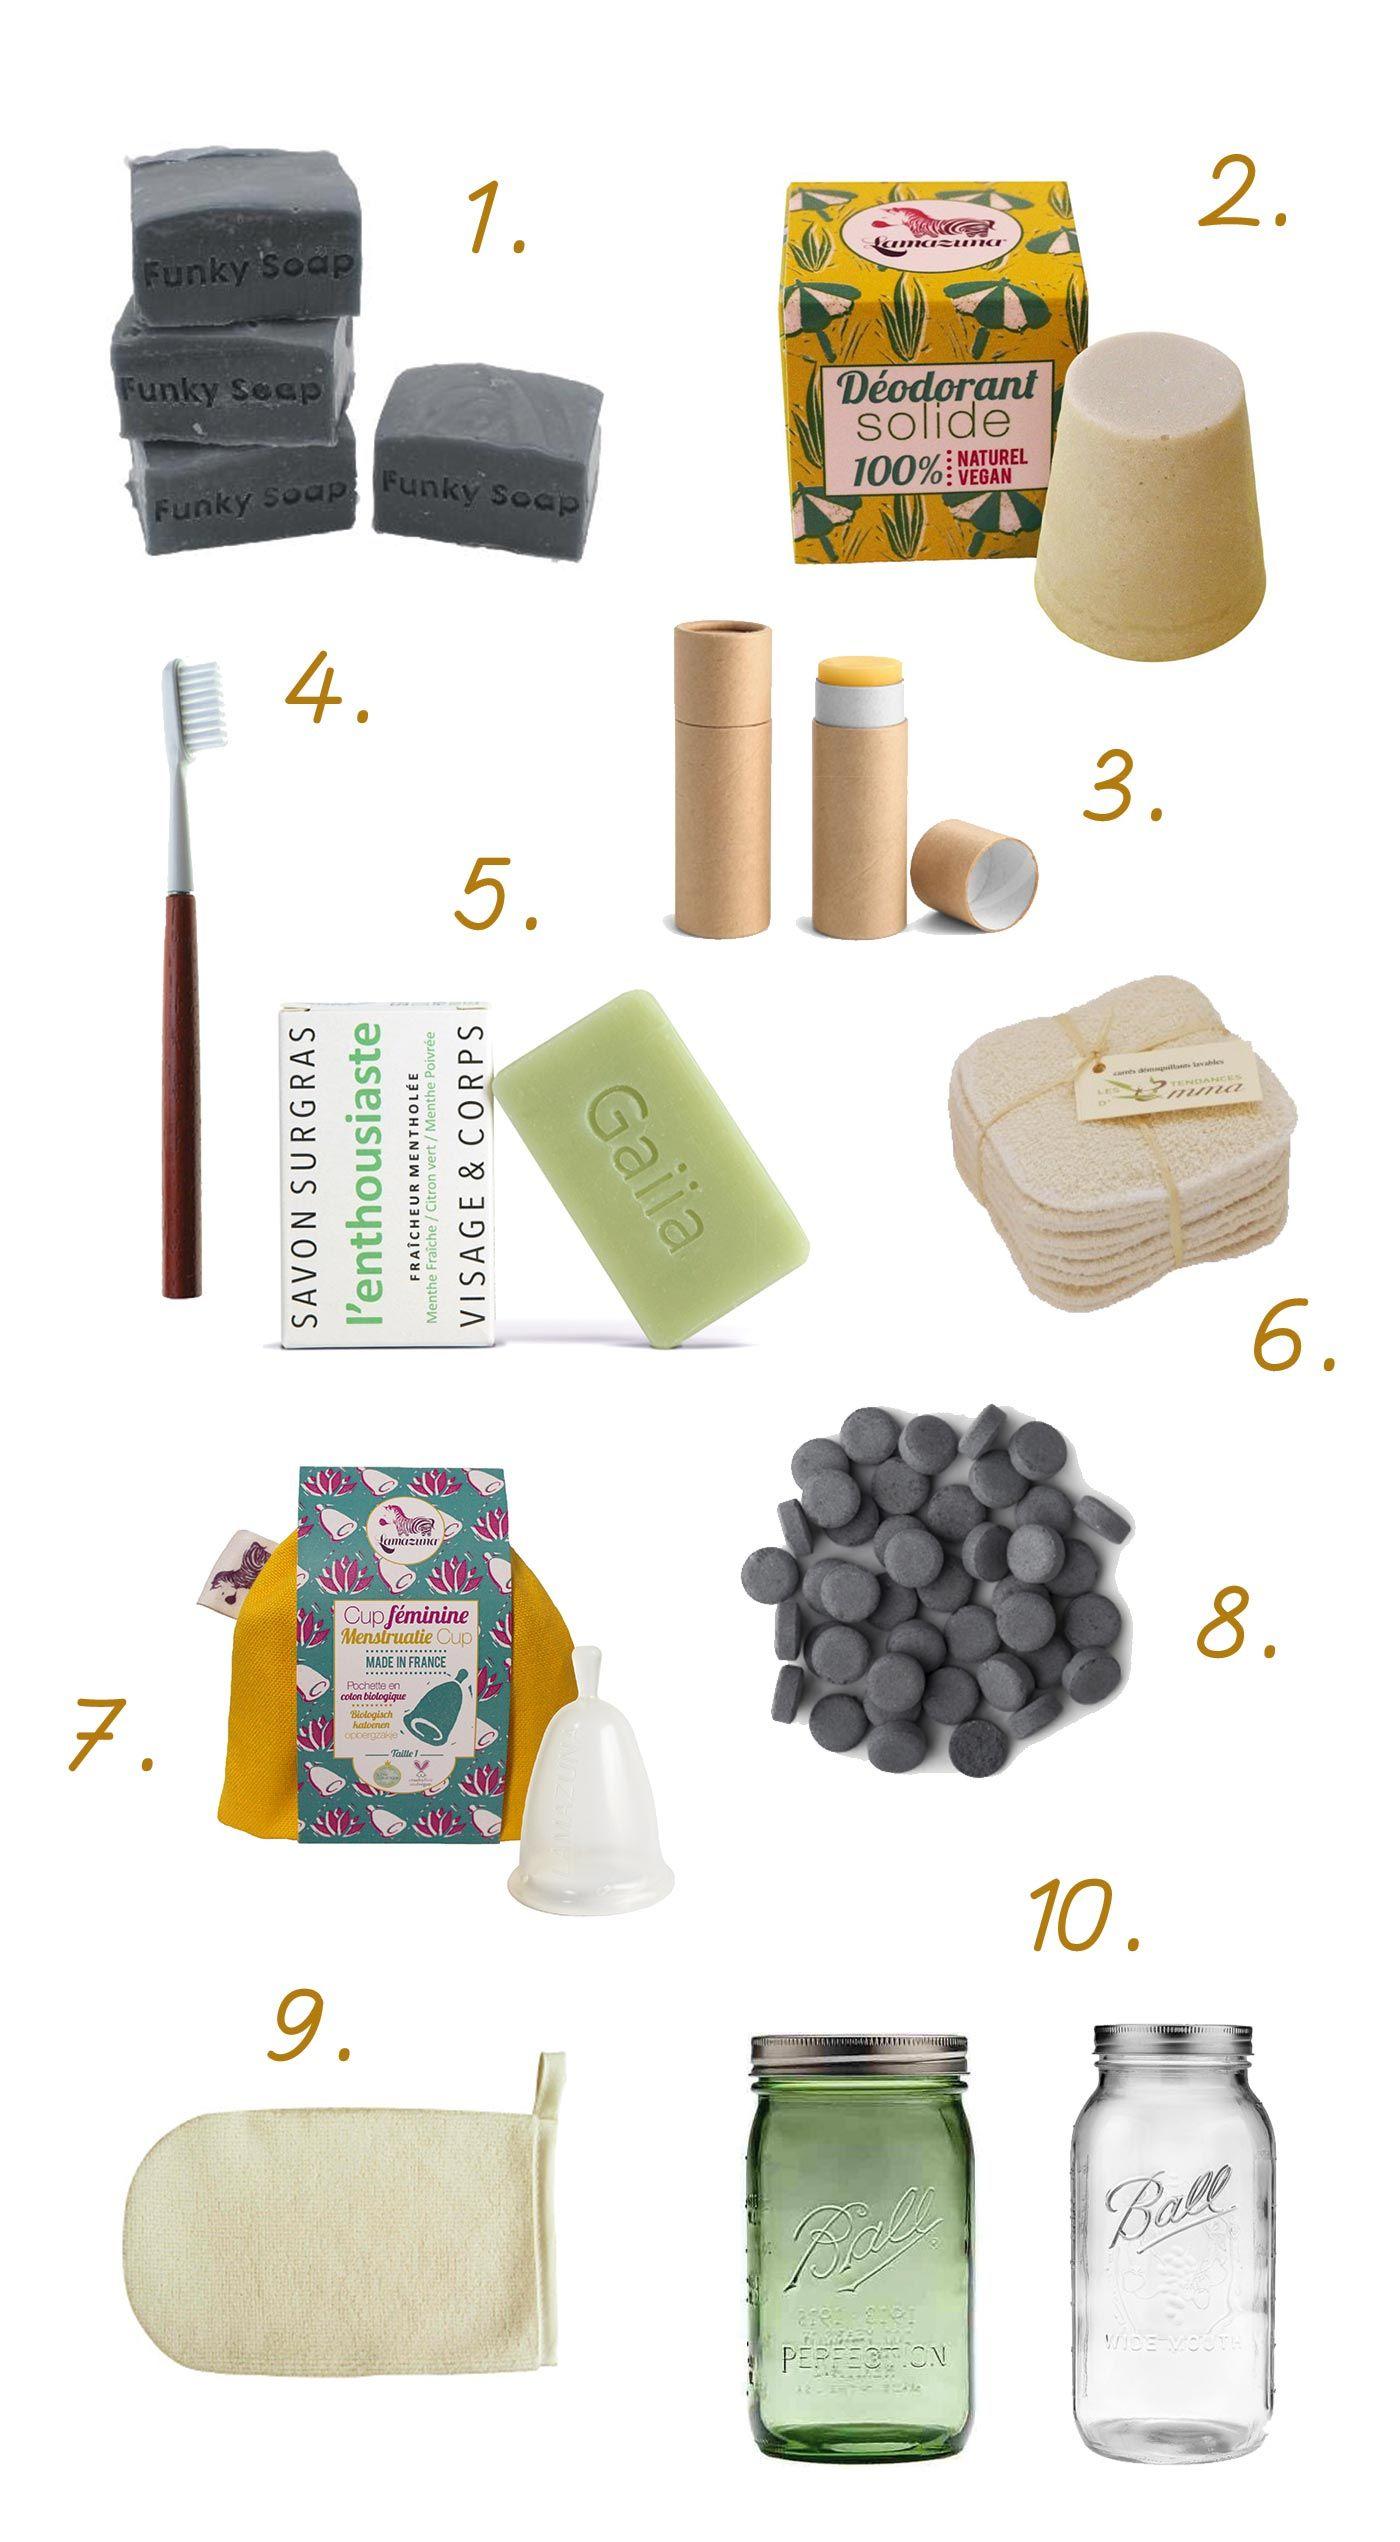 Miroir Salle De Bain Lumineux Ikea ~ L Essentiel Pour Une Salle De Bain Z Ro D Chet The Green Eyes